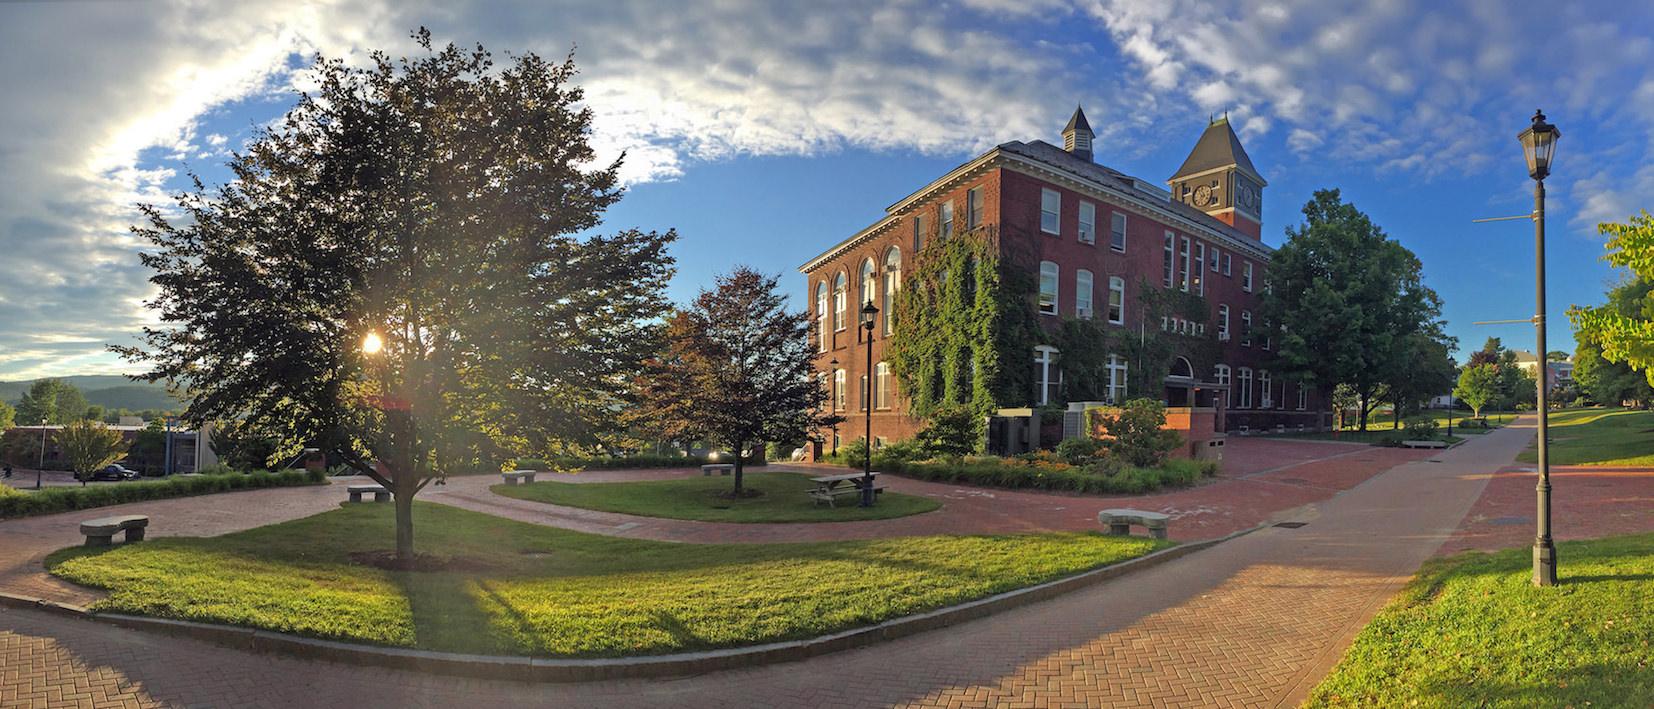 Yhdysvaltoihin opiskelemaan Plymouth State University